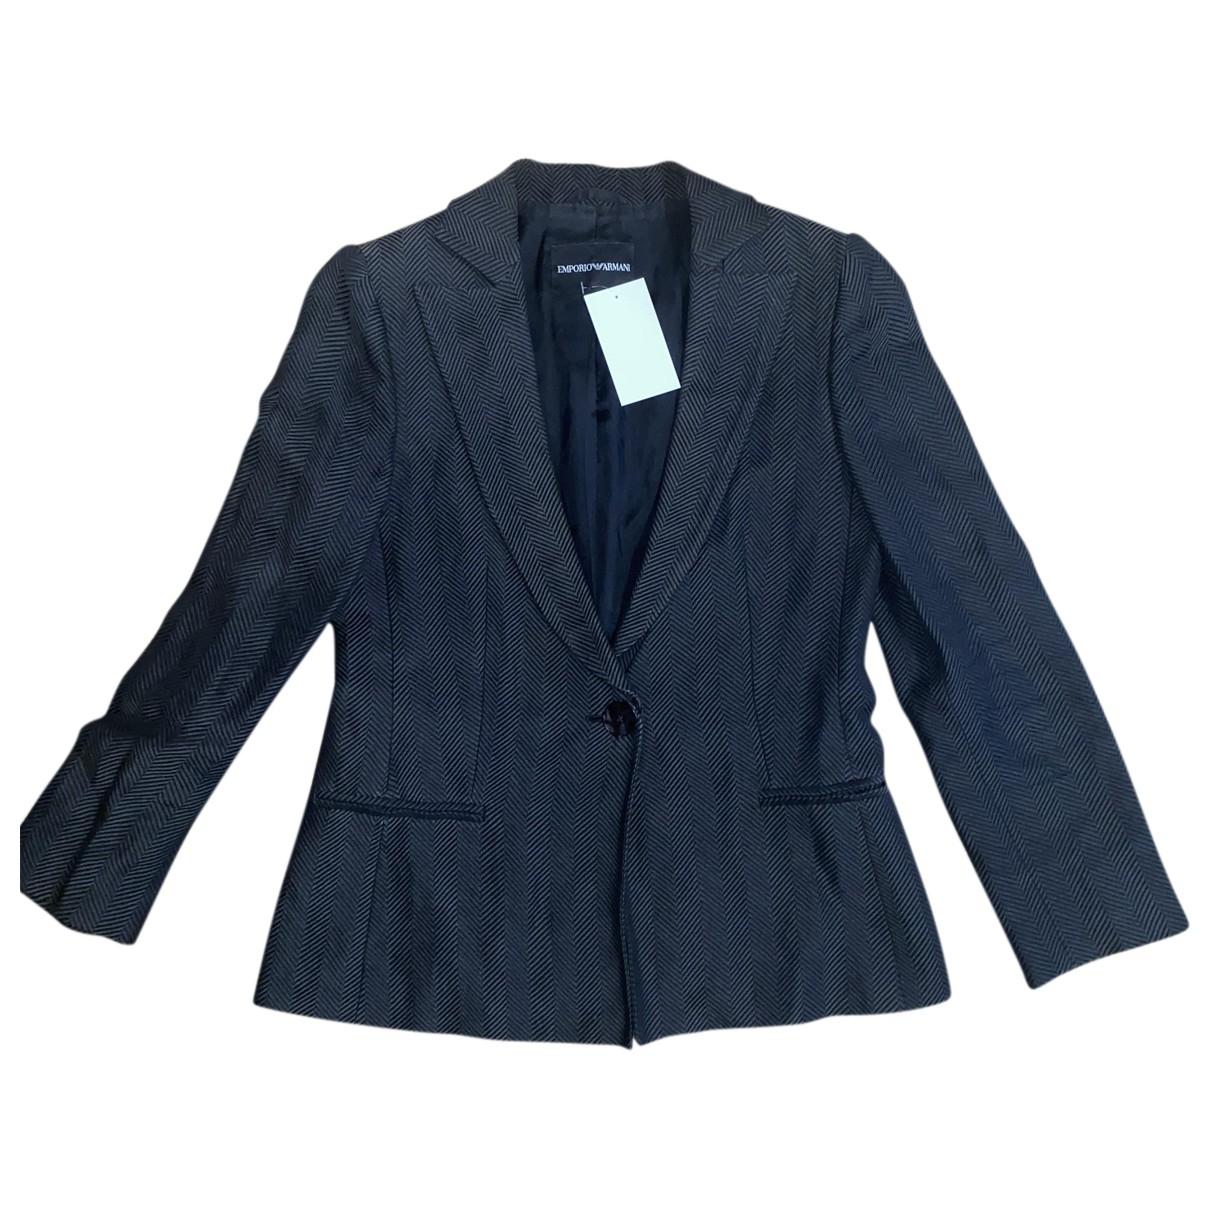 Emporio Armani - Veste   pour femme en soie - anthracite